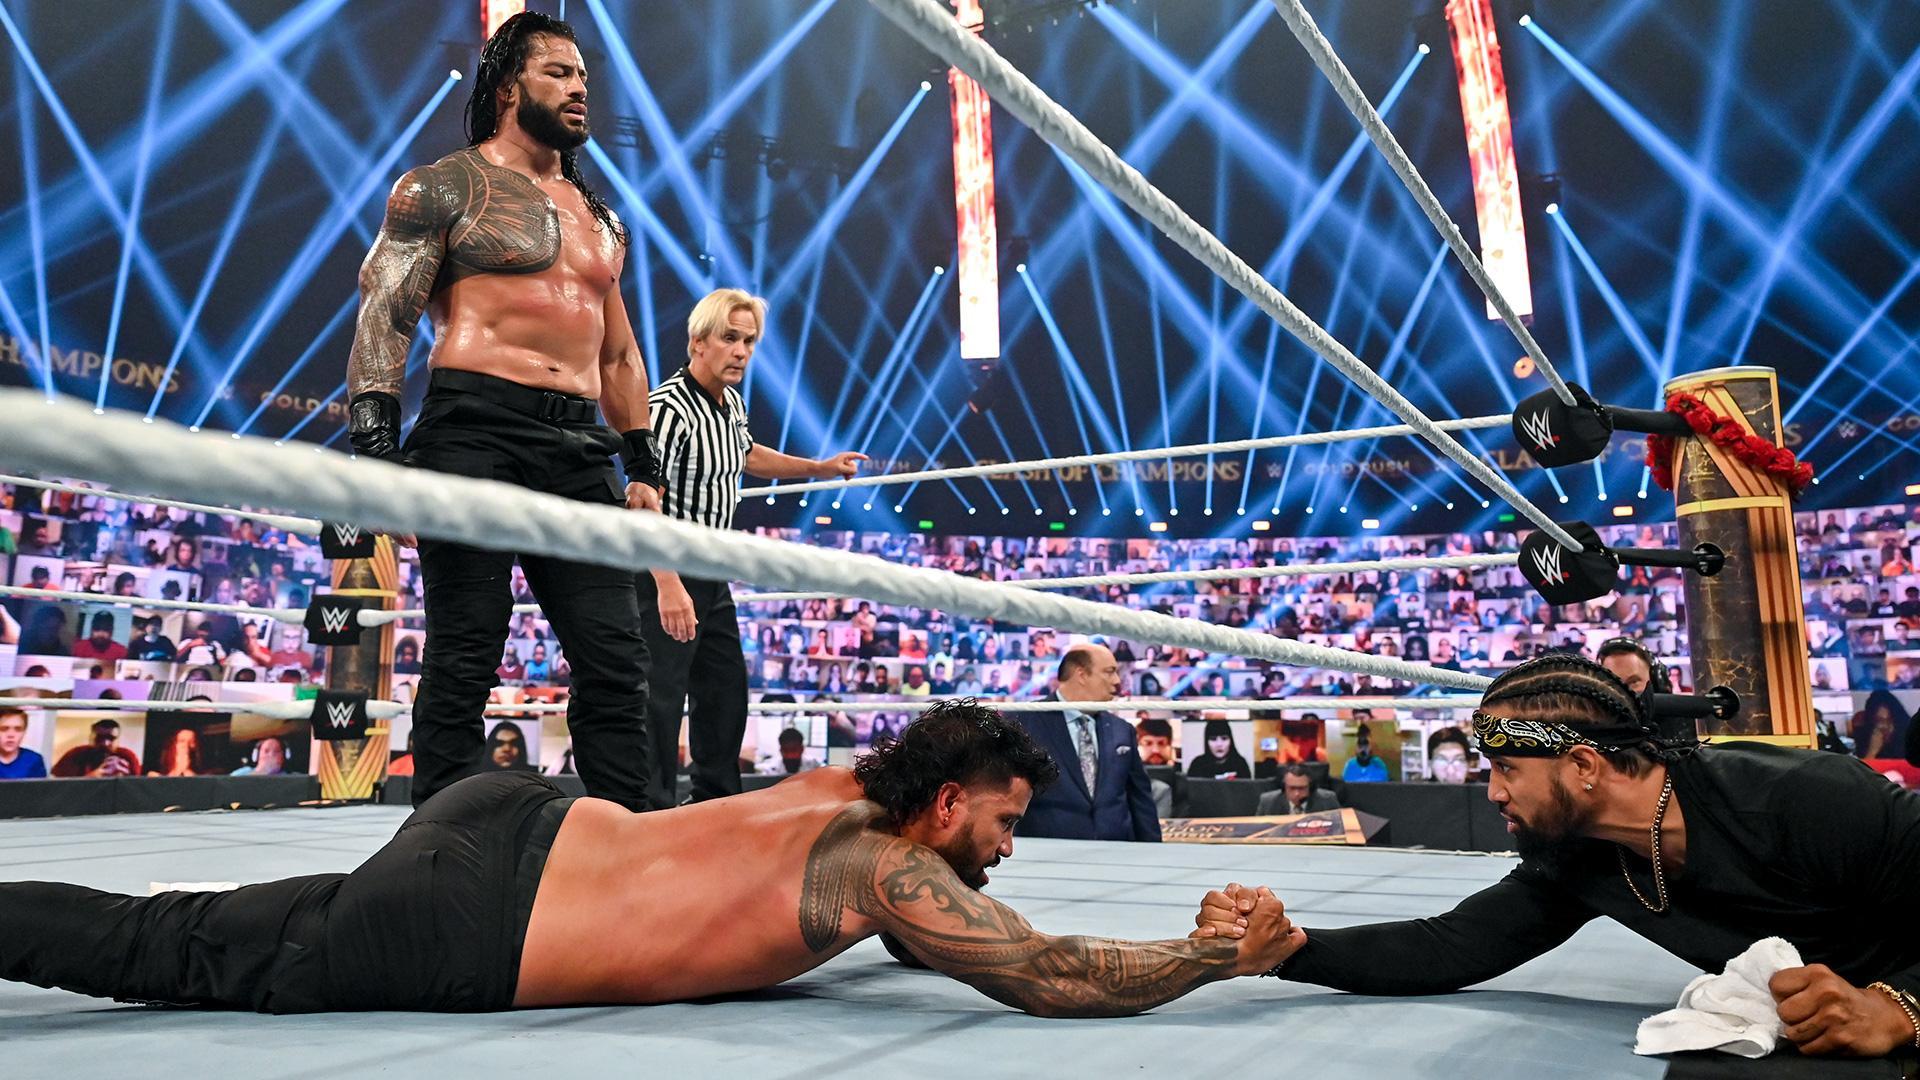 Jimmy Uso deverá entrar em rivalidade com Roman Reigns